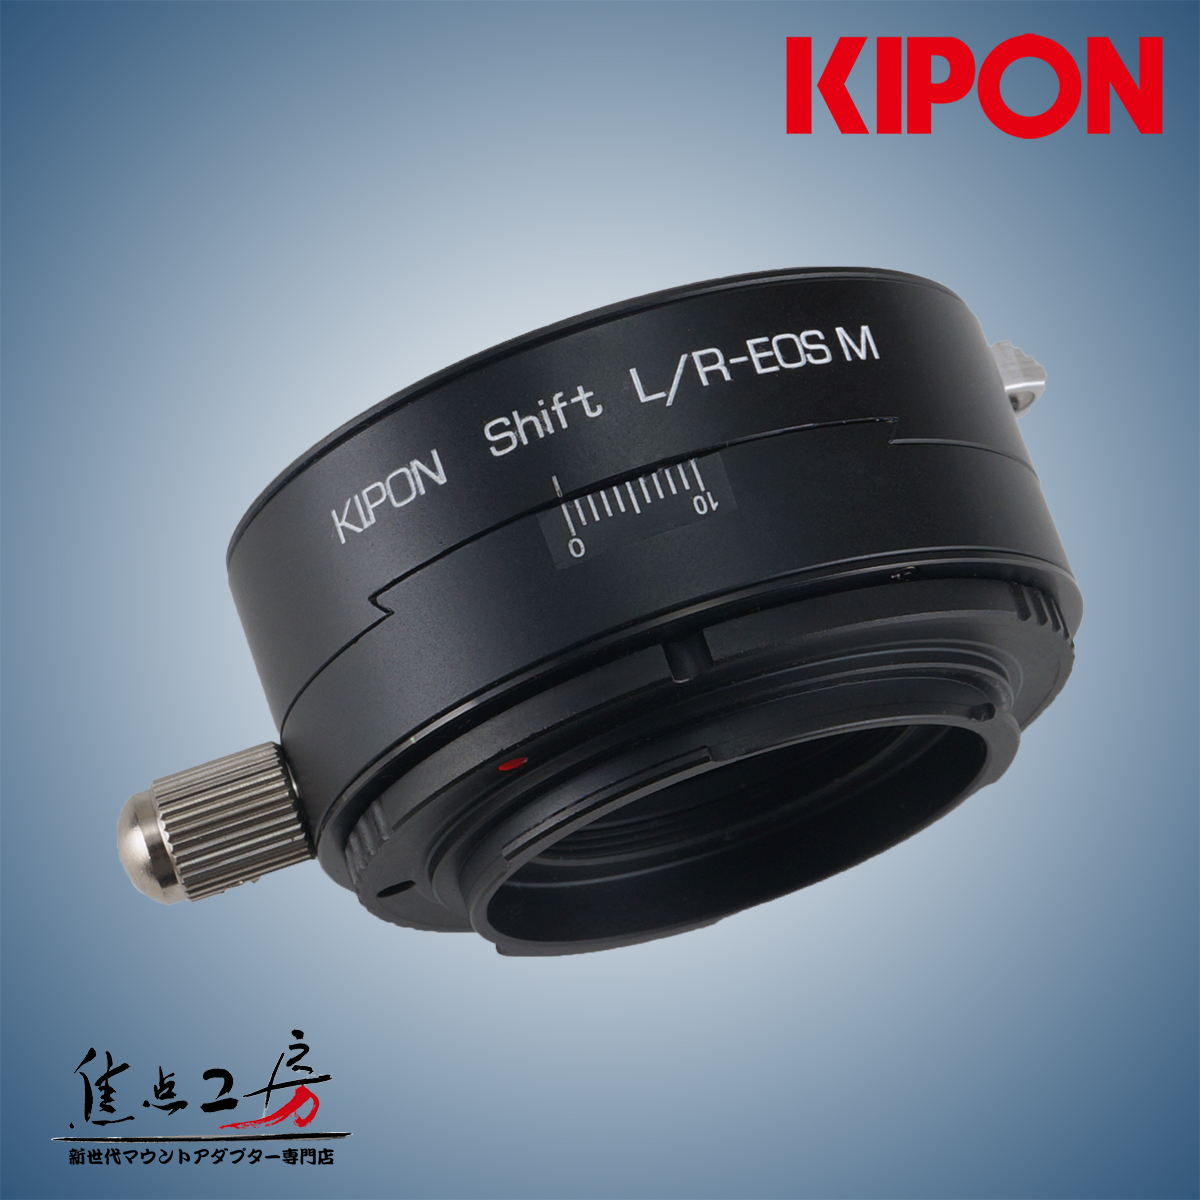 マウントアダプター KIPON SHIFT L/R-EOS M ライカRマウントレンズ - キヤノンEOS Mマウントカメラ アオリ(シフト)機構搭載